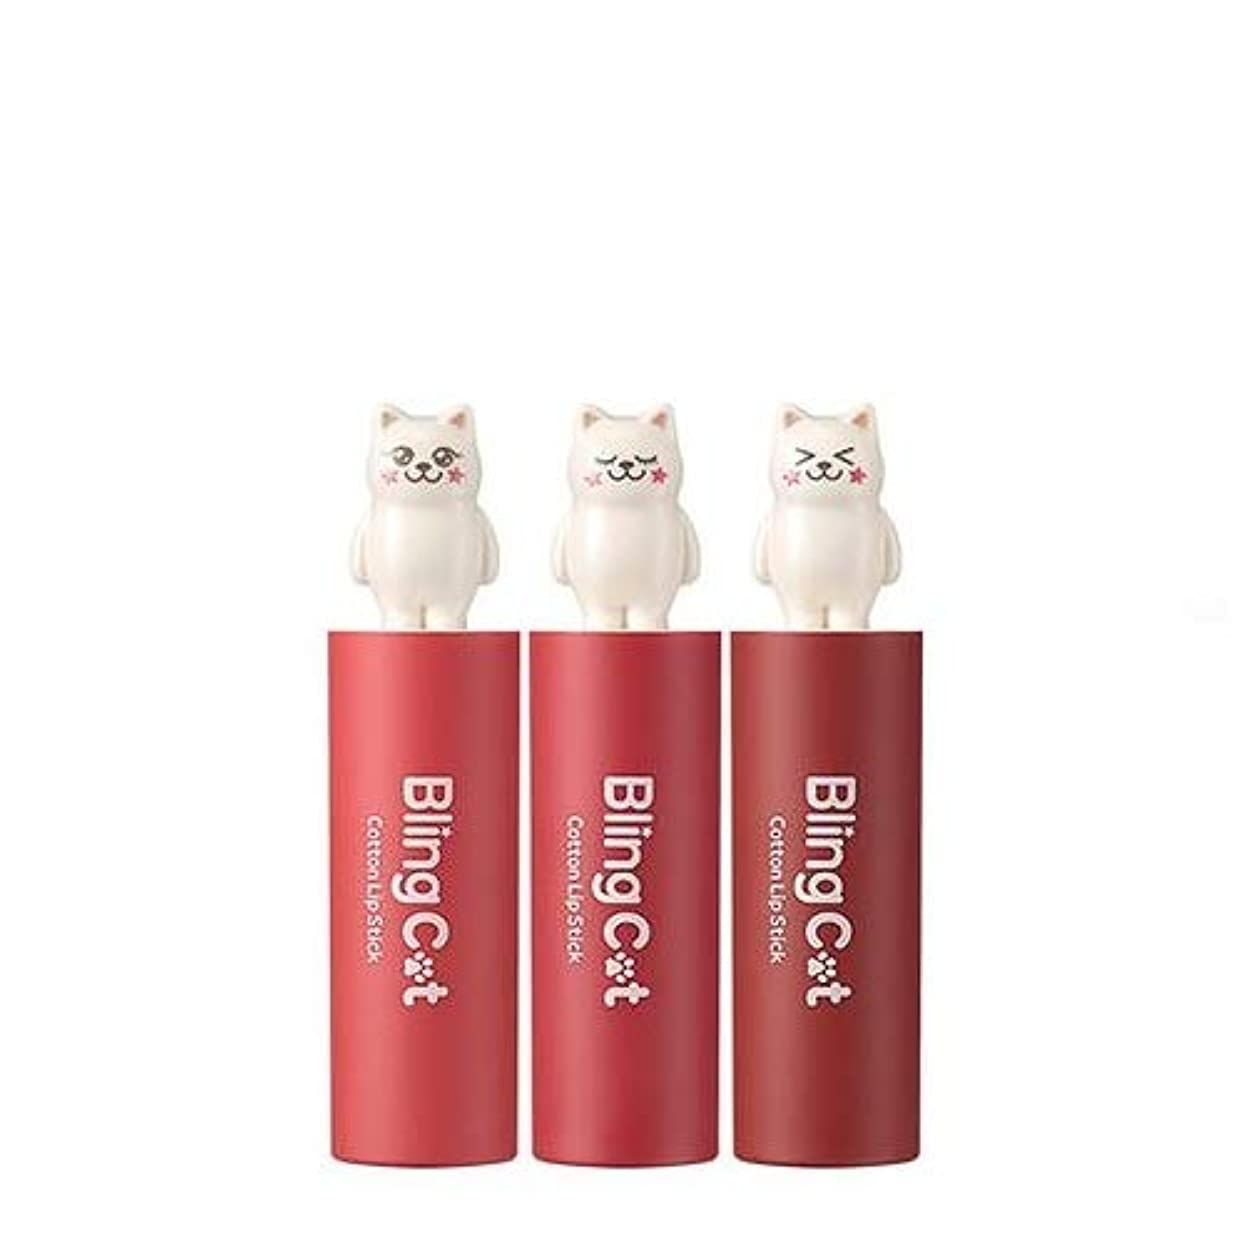 町無意味シャツトニーモリー ブリングキャット コットン リップスティック 3.4g / TONYMOLY Bling Cat Cotton Lipstick # 09. Maroon Mode [並行輸入品]